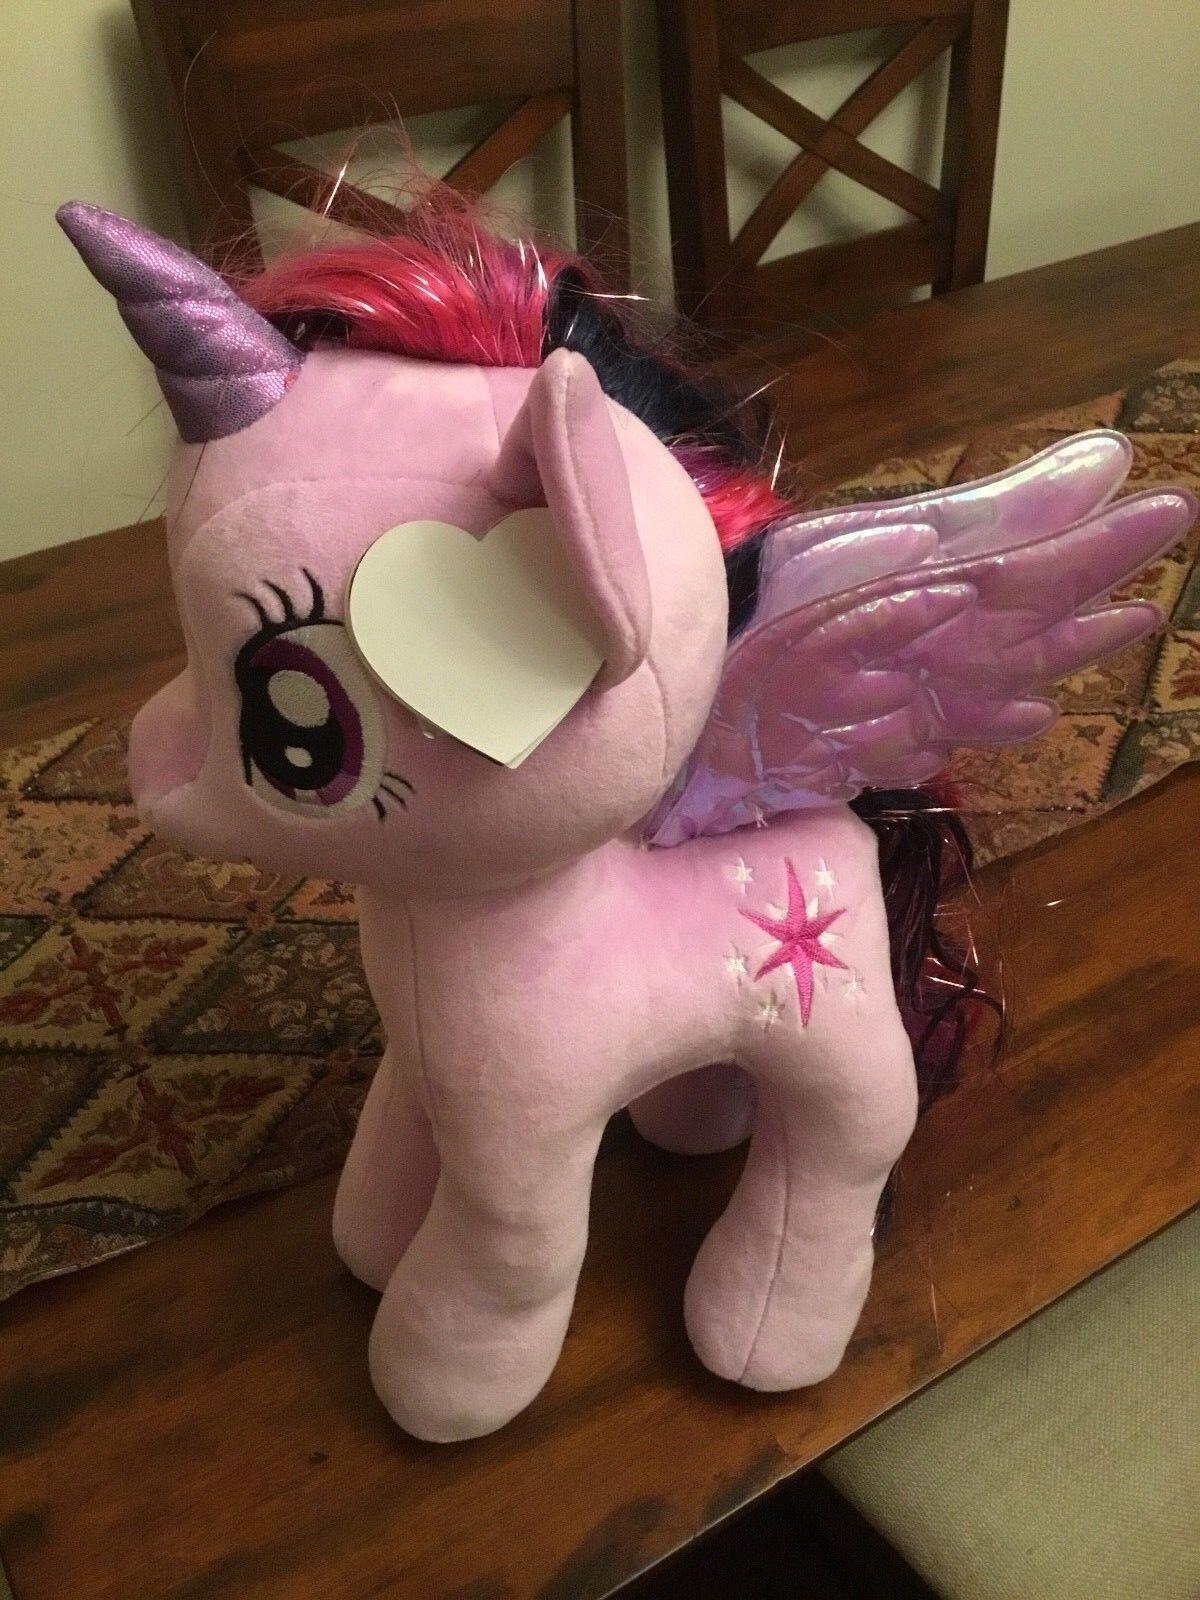 TY 16  Plush My Little Pony Twilight Sparkle Large Buddy